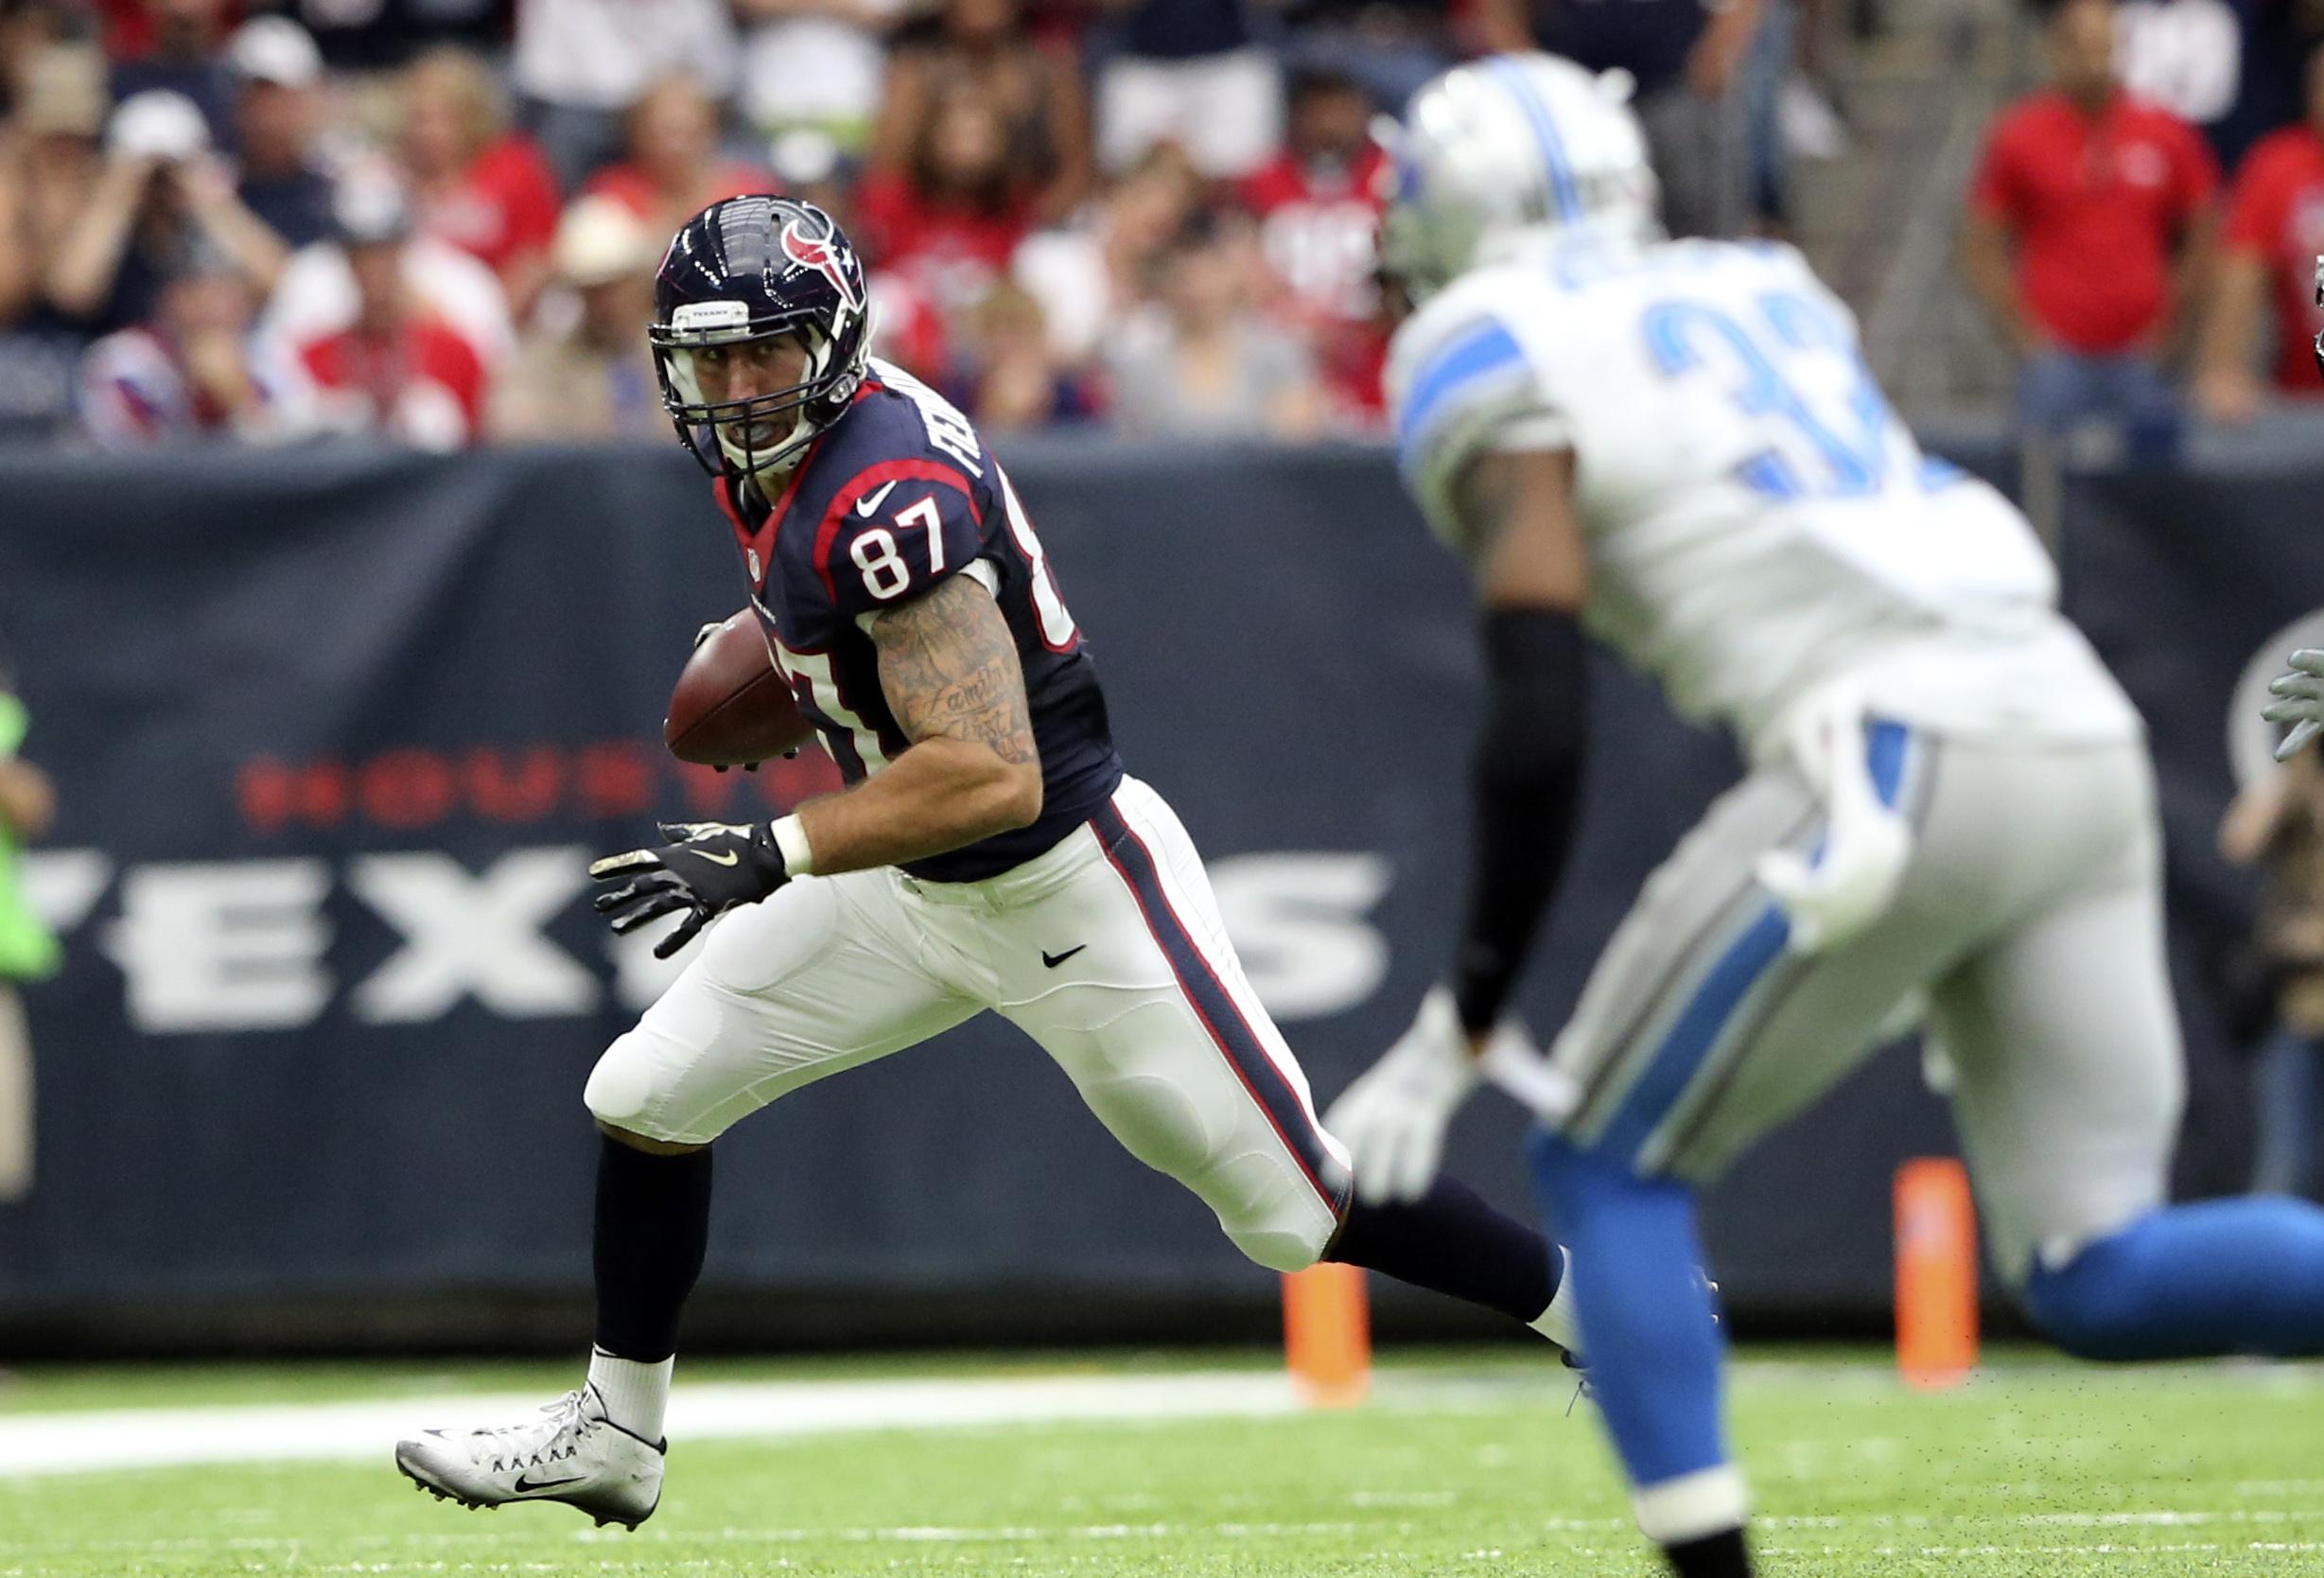 NFL: Detroit Lions at Houston Texans